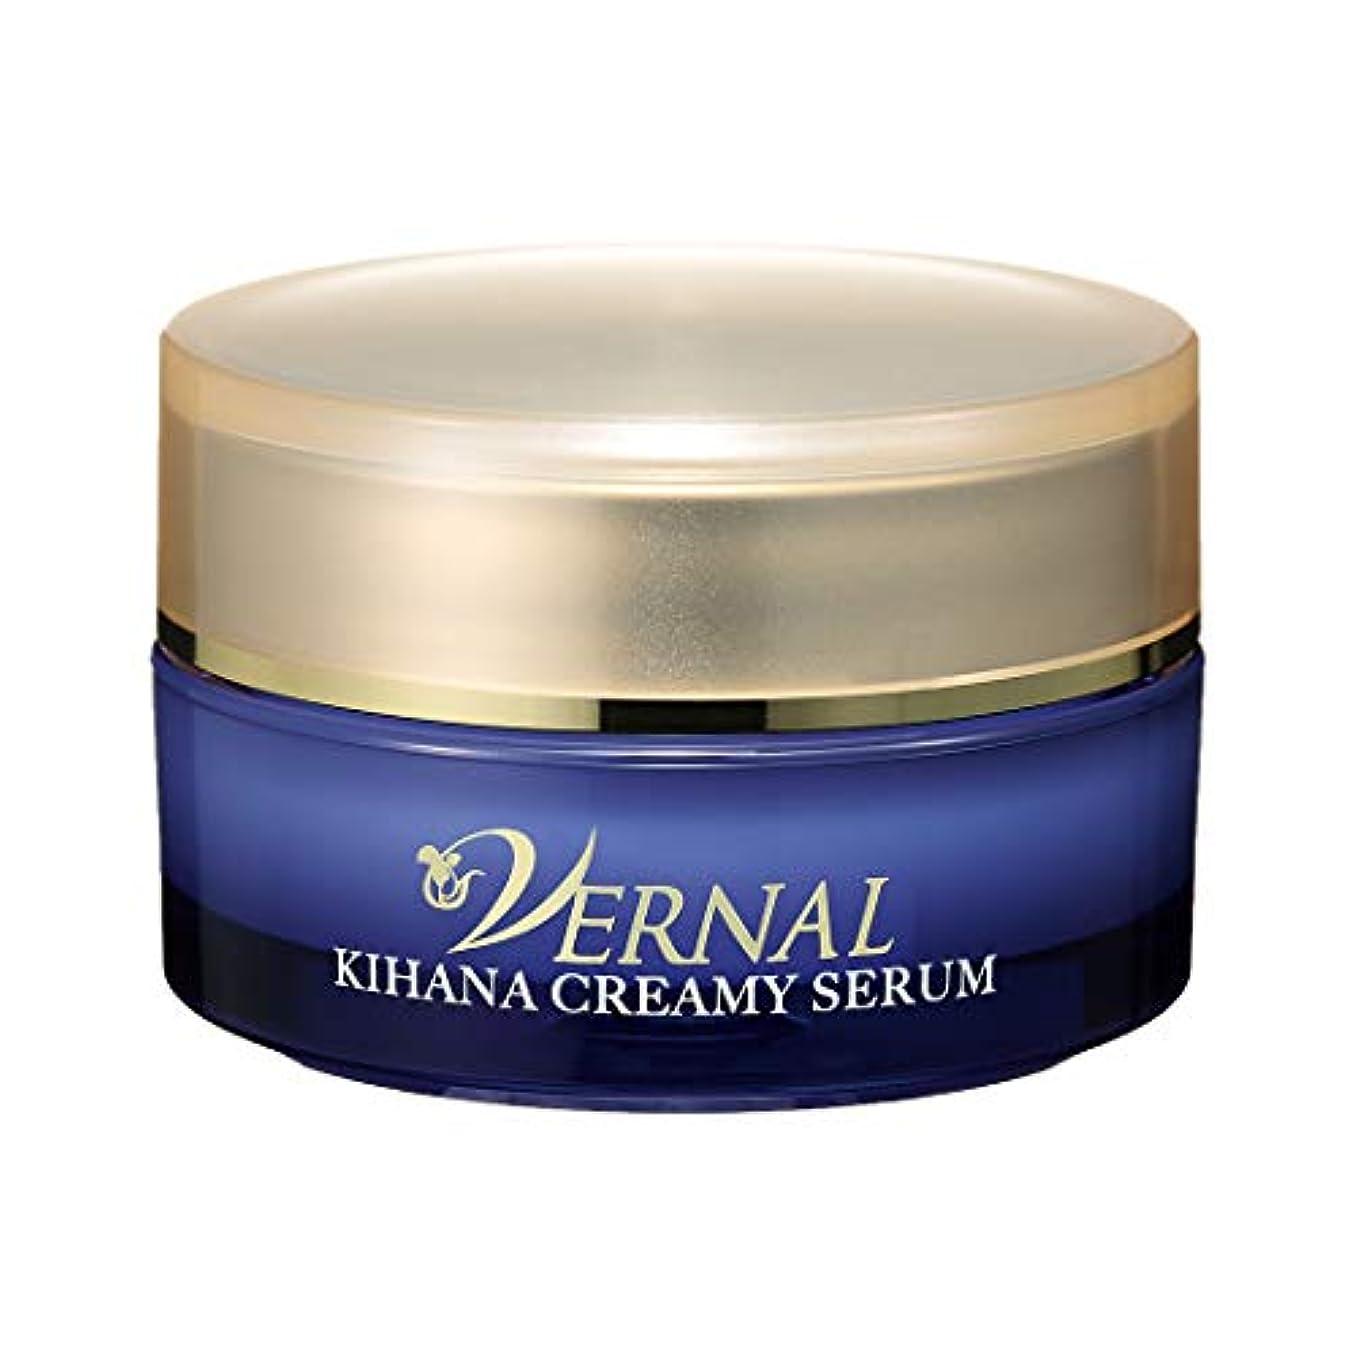 月絶えずお風呂を持っているキハナクリーミーセラム 30g/ヴァーナル 美容液 美容クリーム